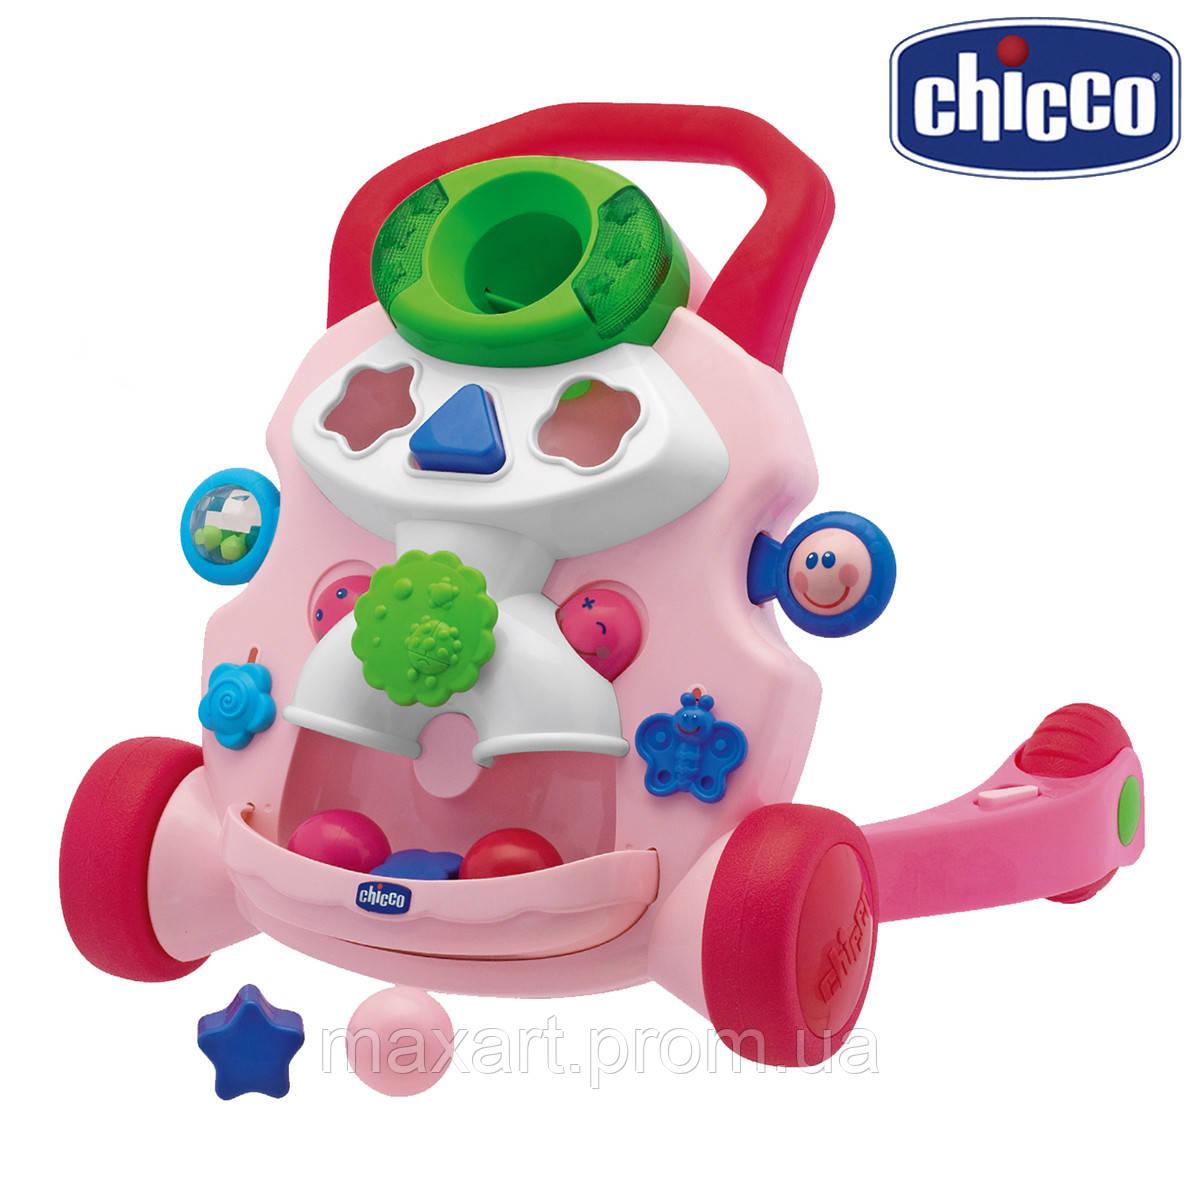 Игровой центр-ходунки Chicco - Первые шаги (65261.20)